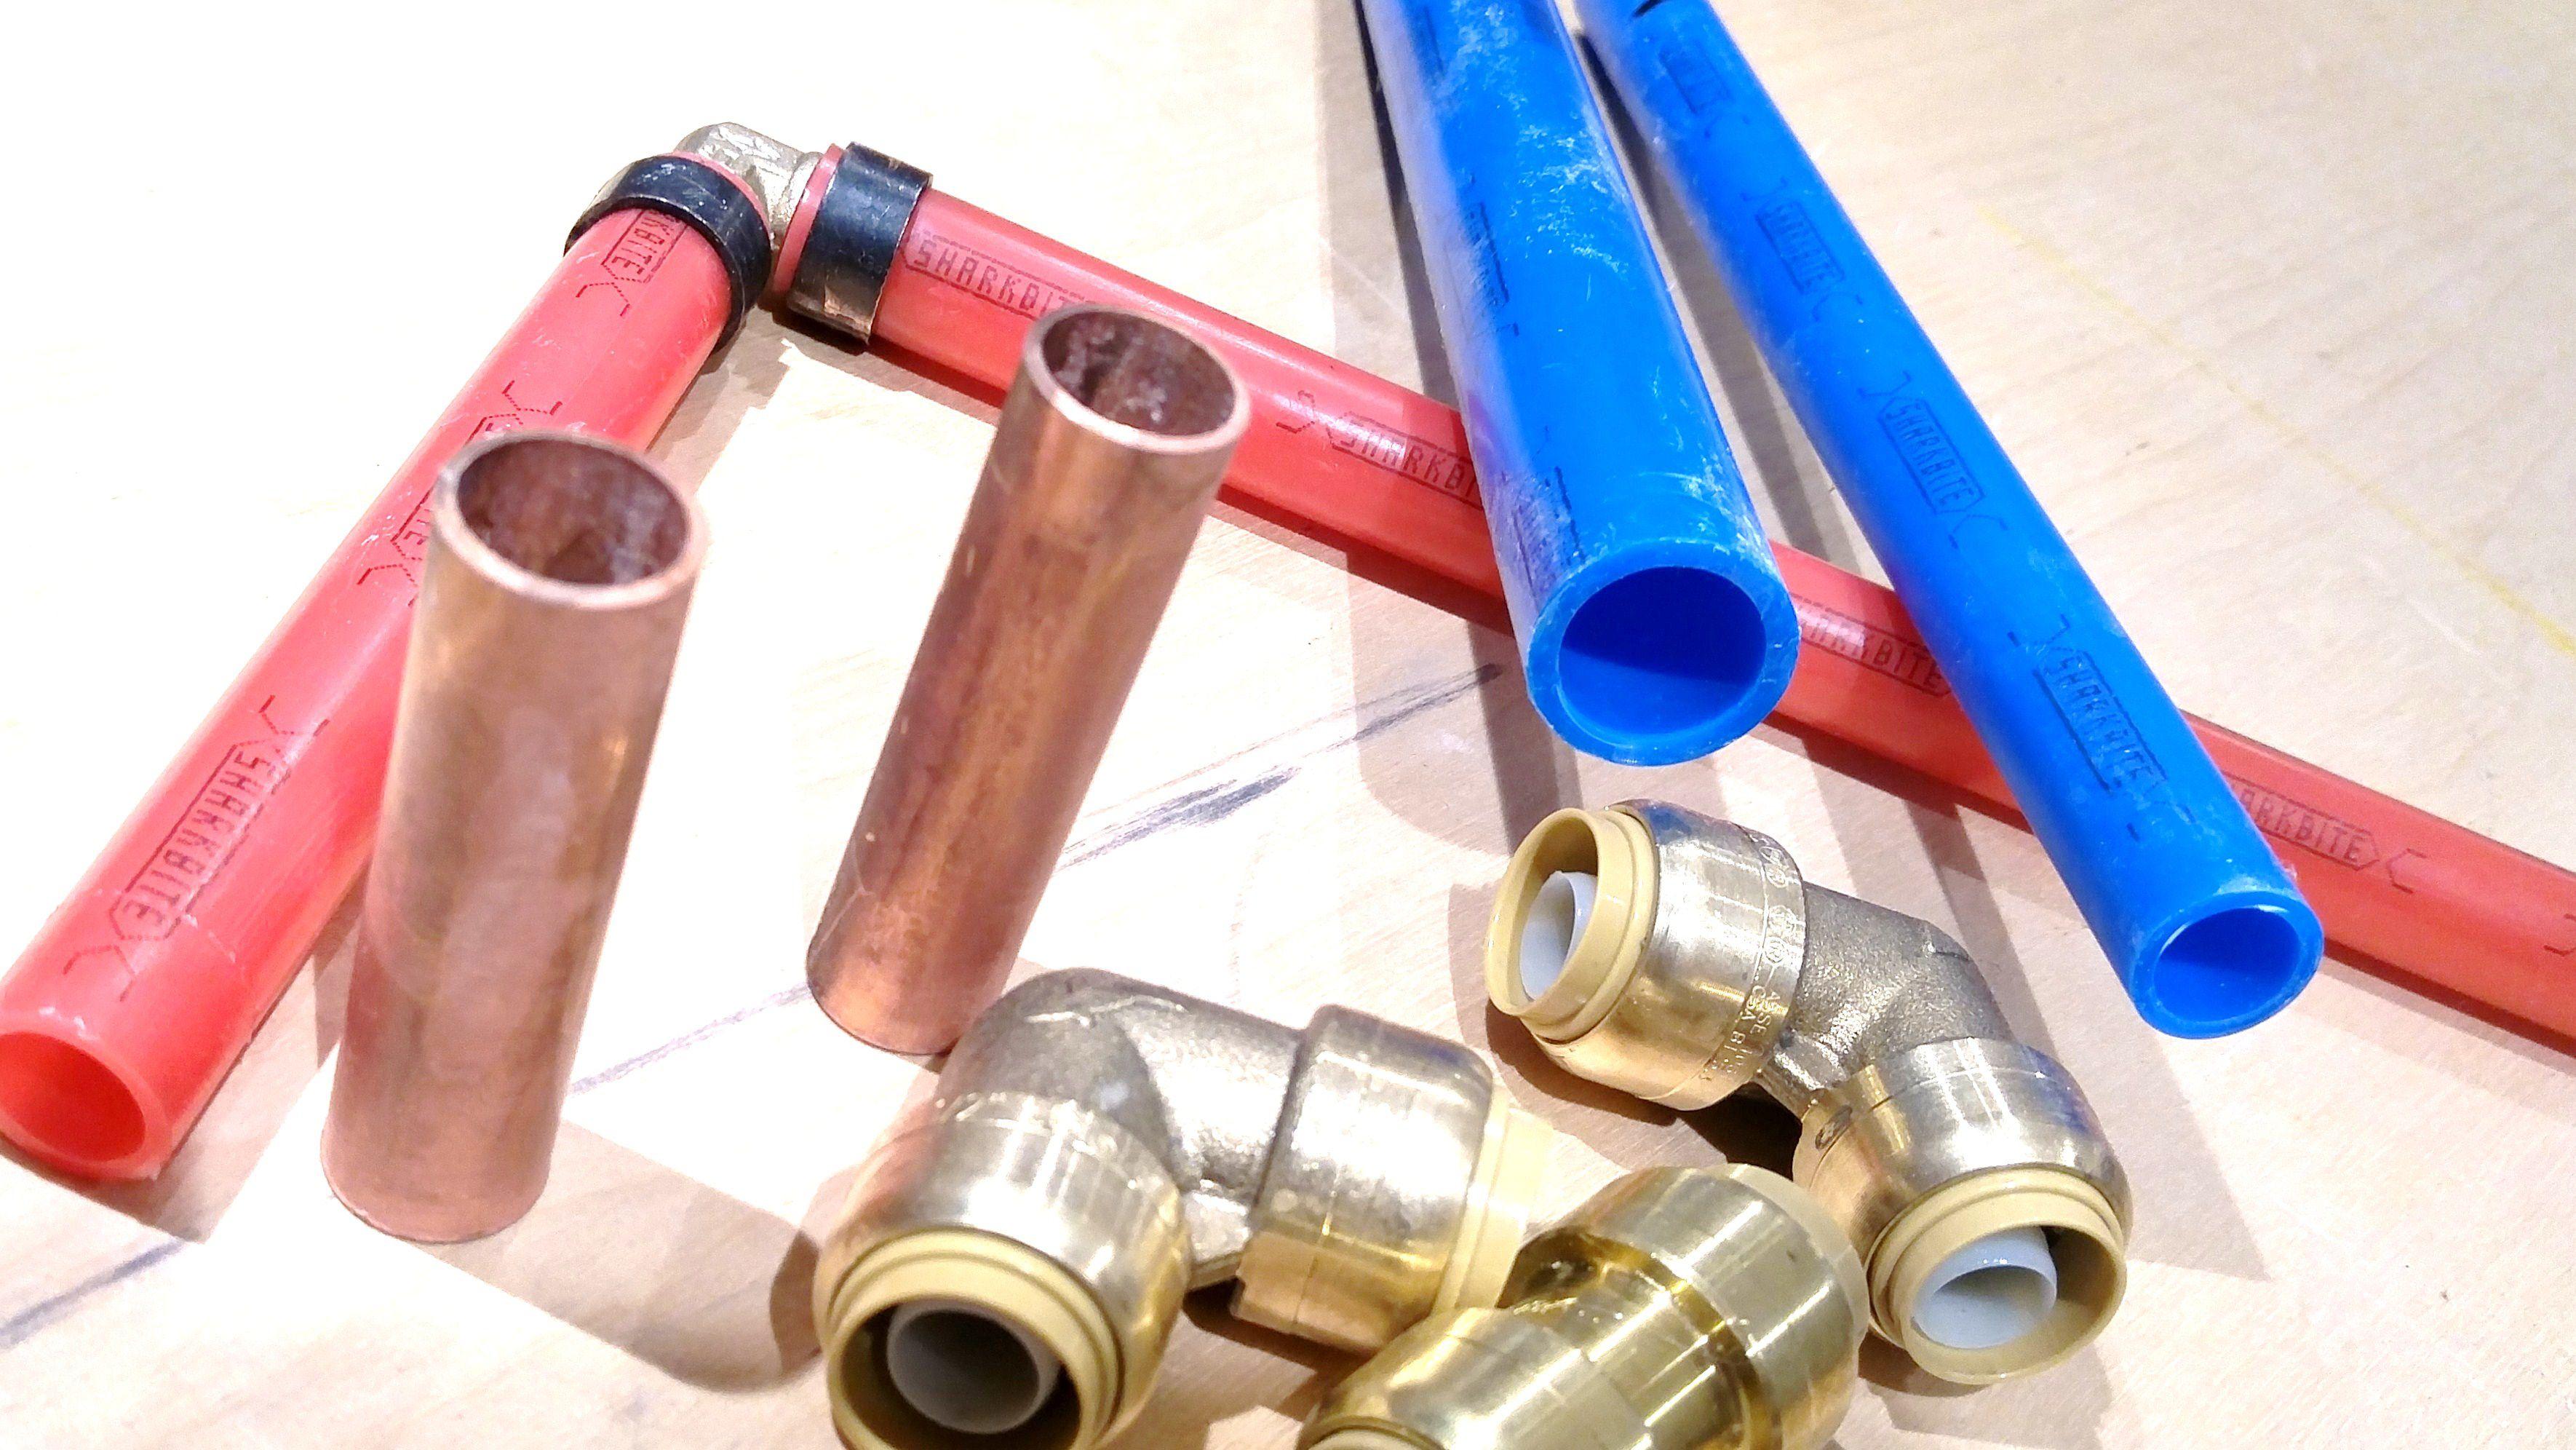 Copper vs pex and sharkbite comparison for Copper pipe vs pex